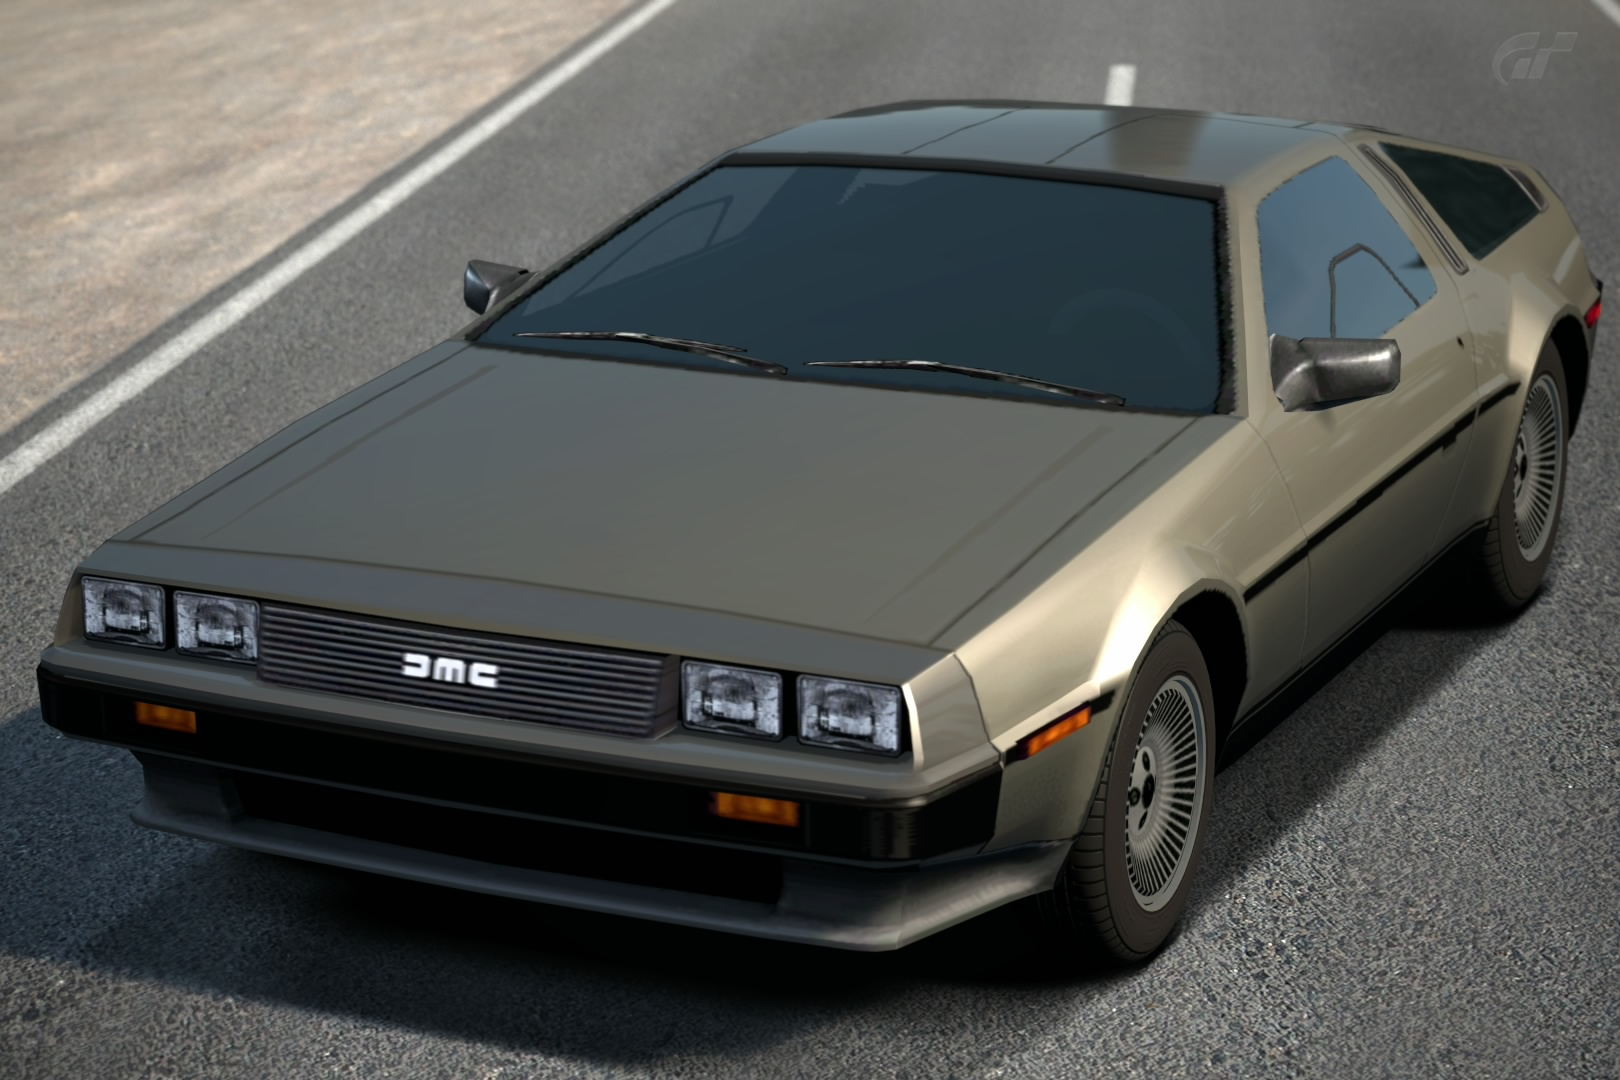 DMC DeLorean S2 '04